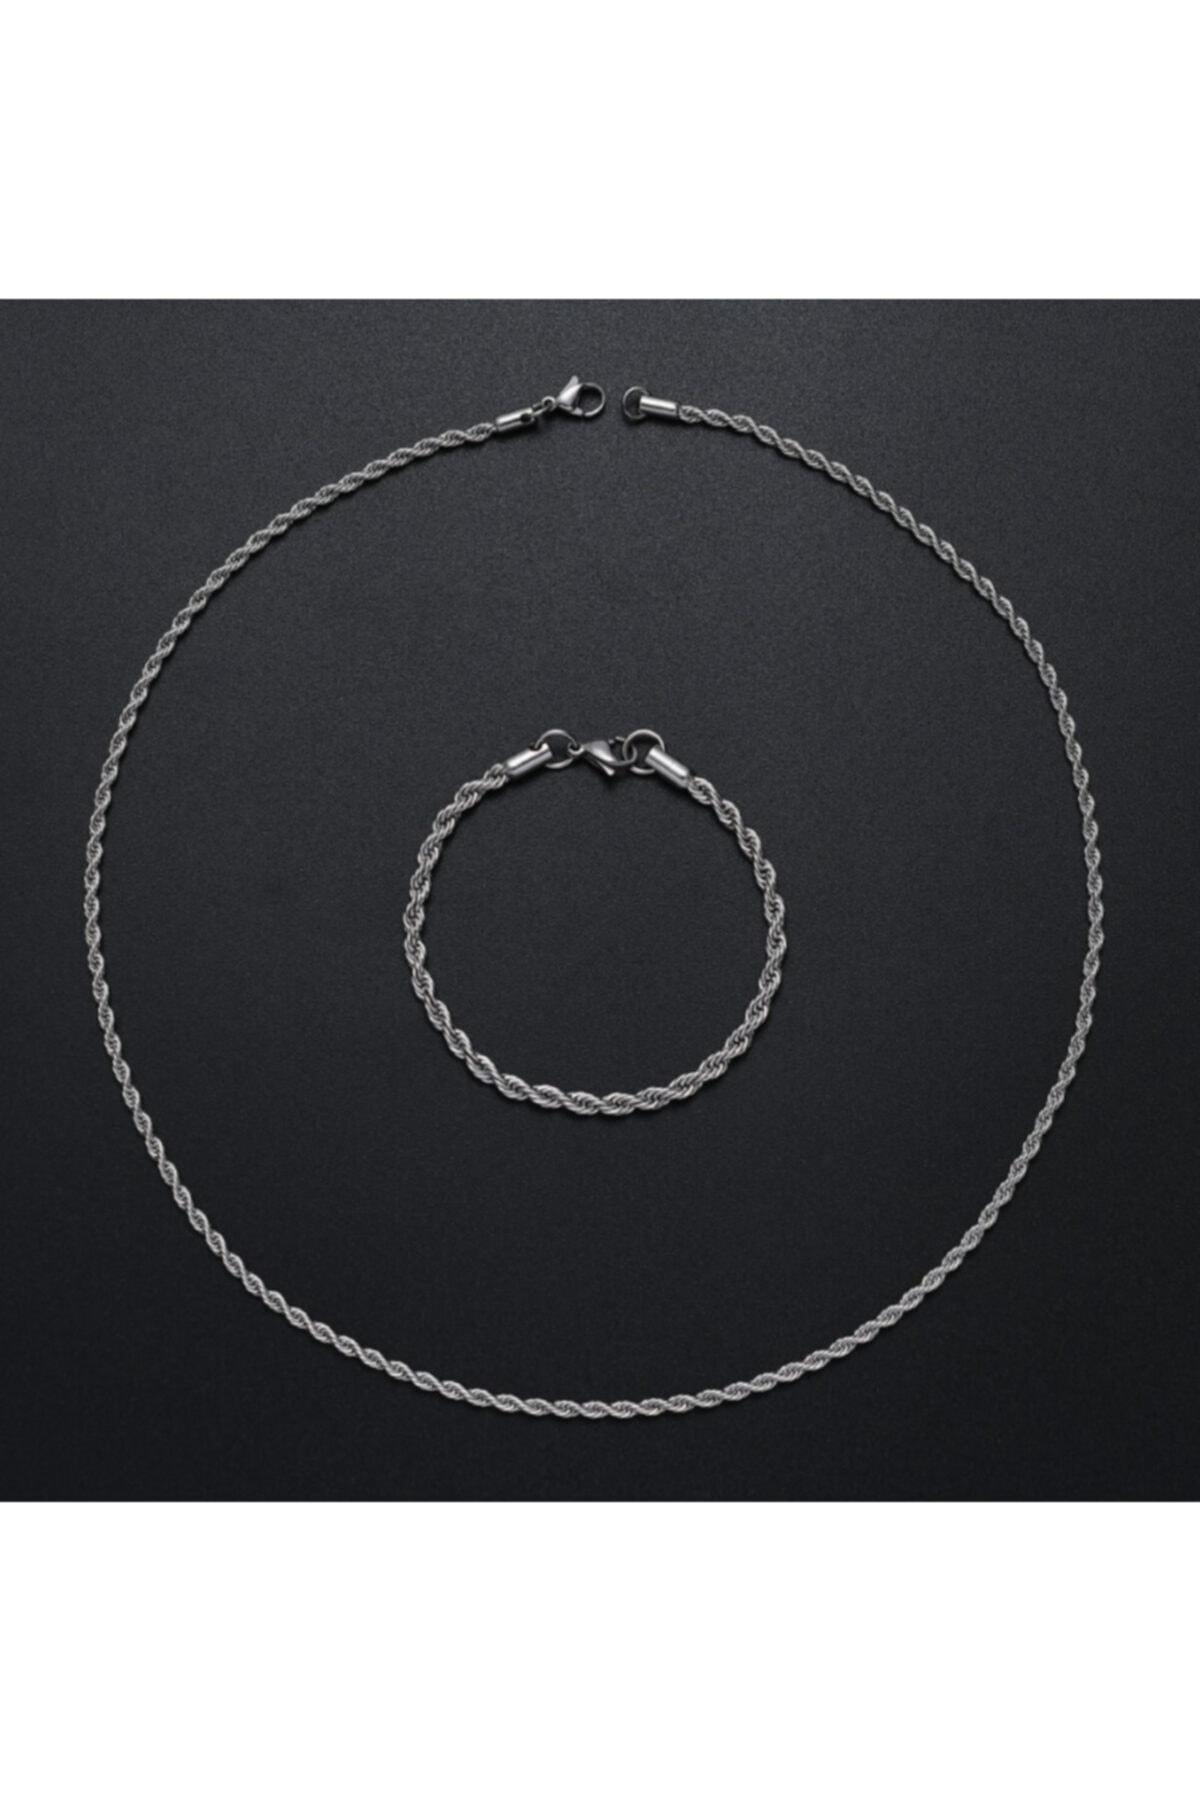 MedBlack Jewelry Unisex Gümüş Kaplama Kalın Burgu Kolye Bileklik Set 2